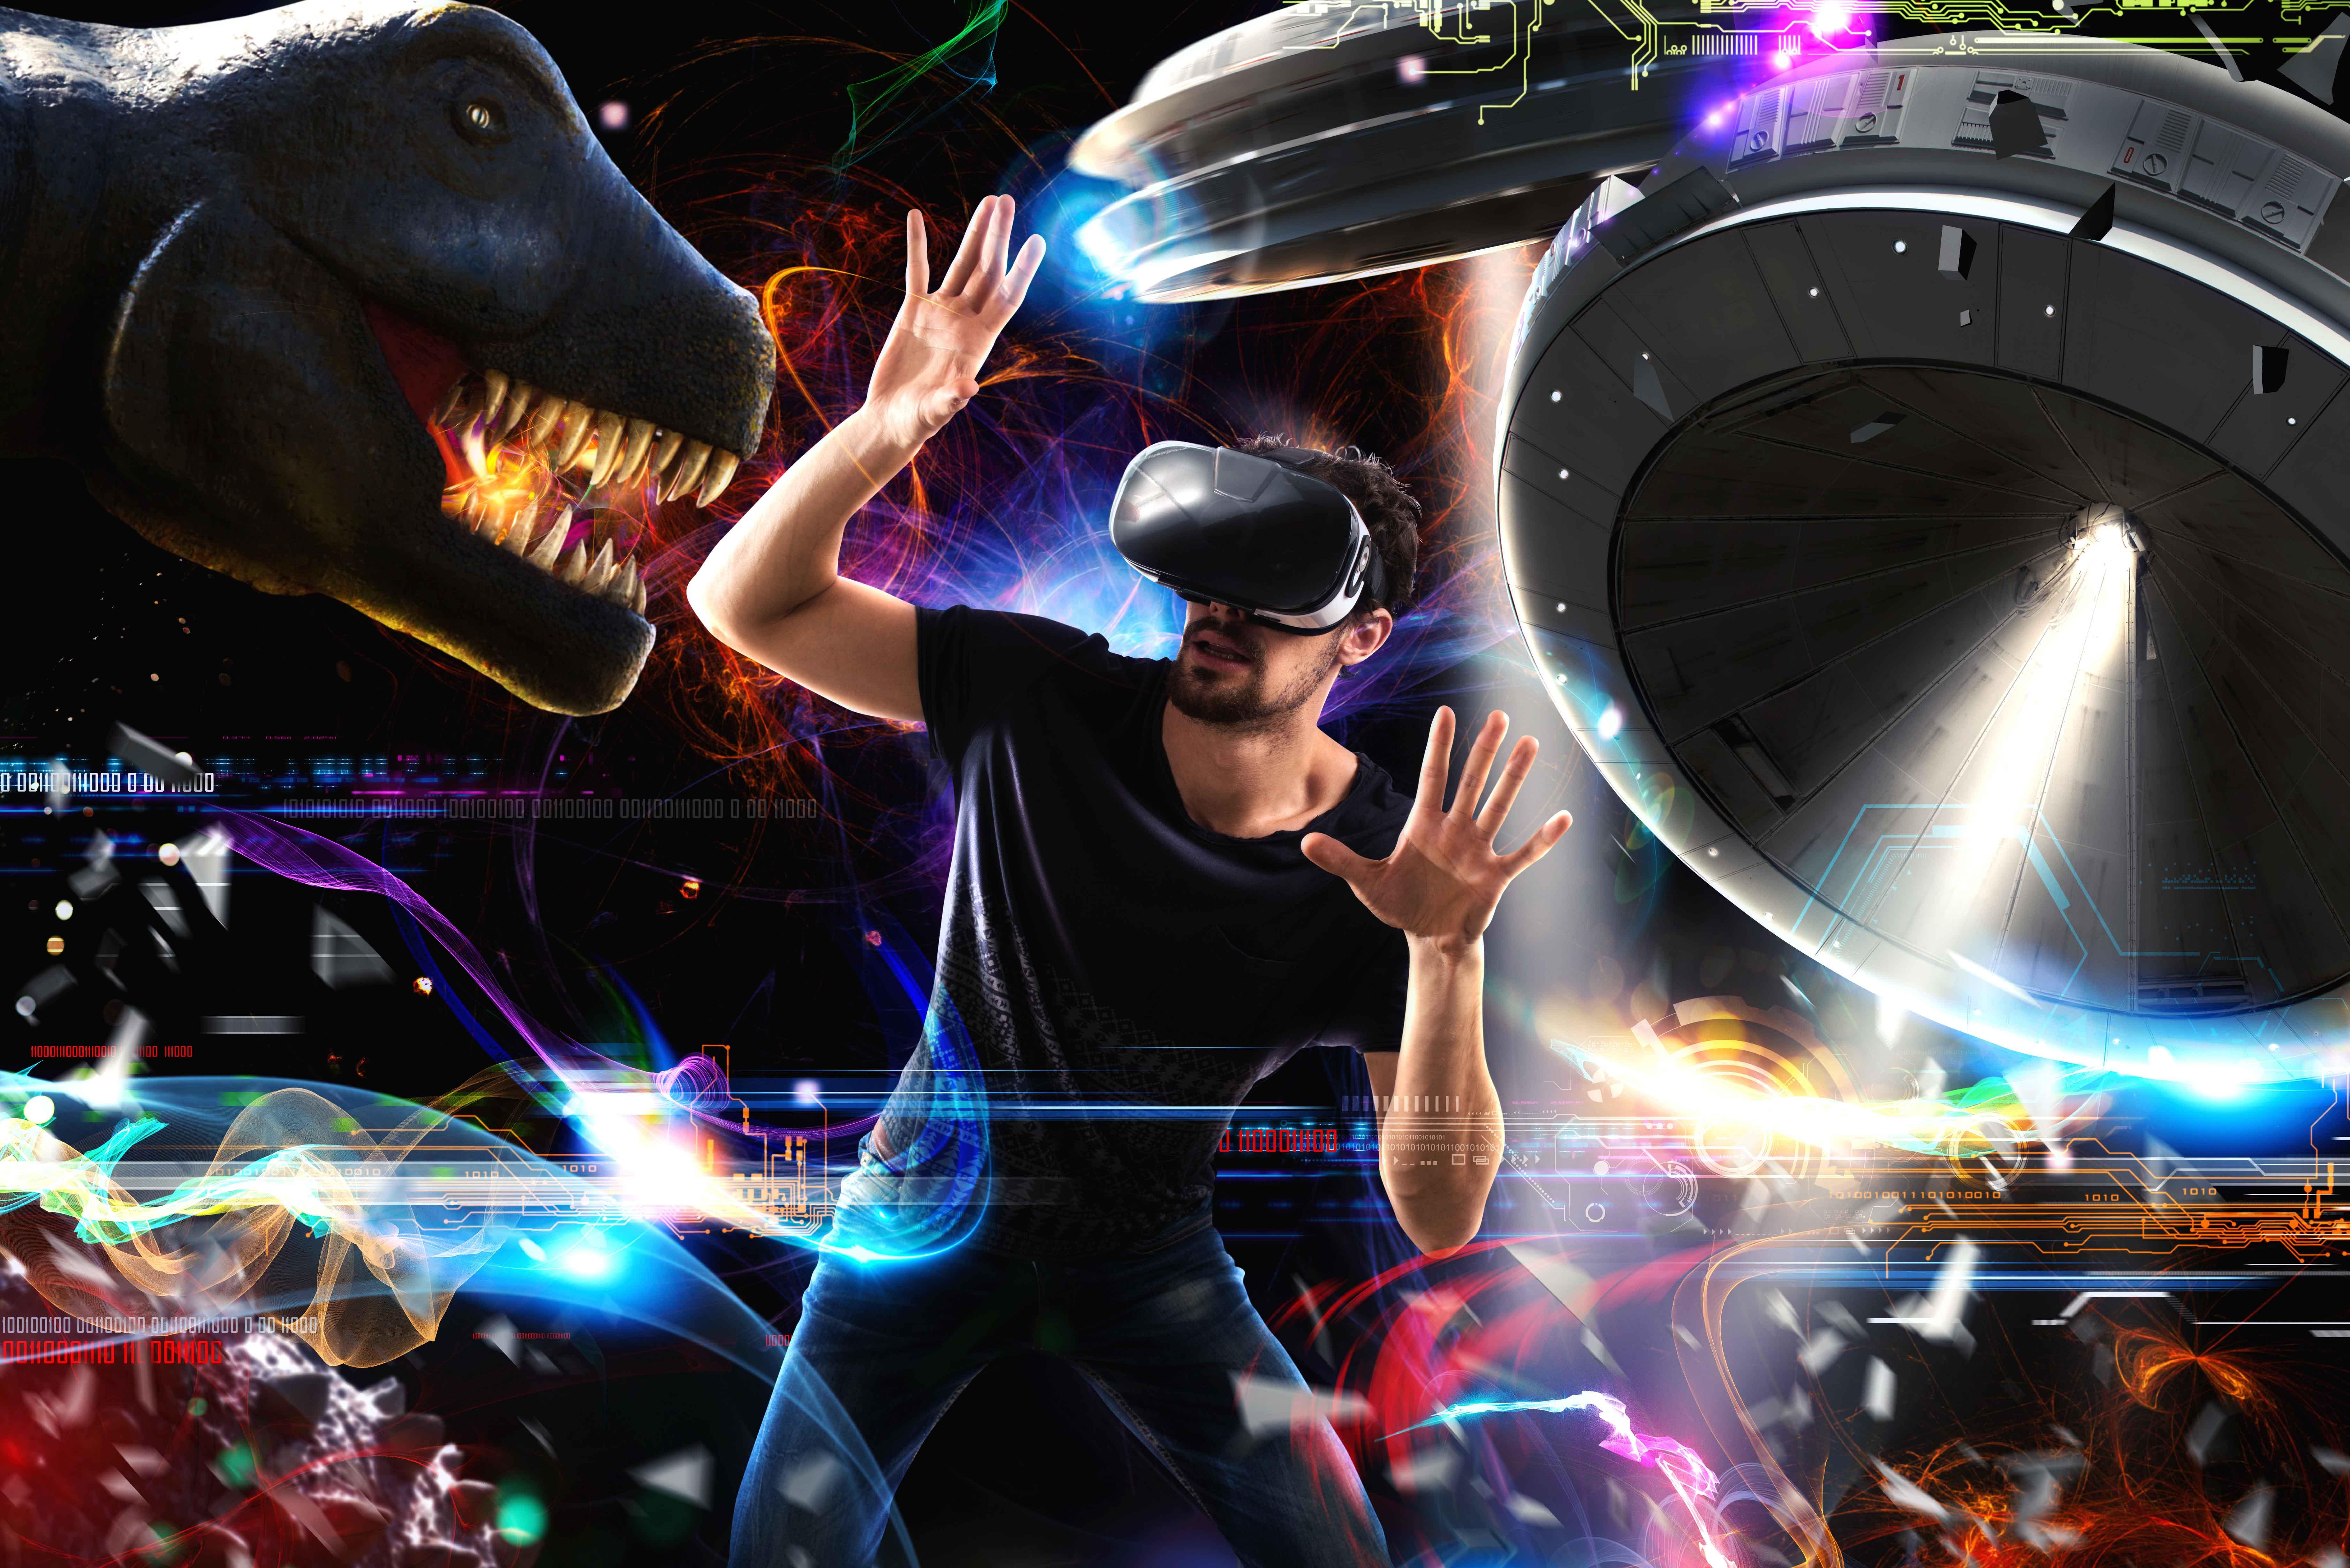 Chic con gafas de realidad virtual en universo ficticio